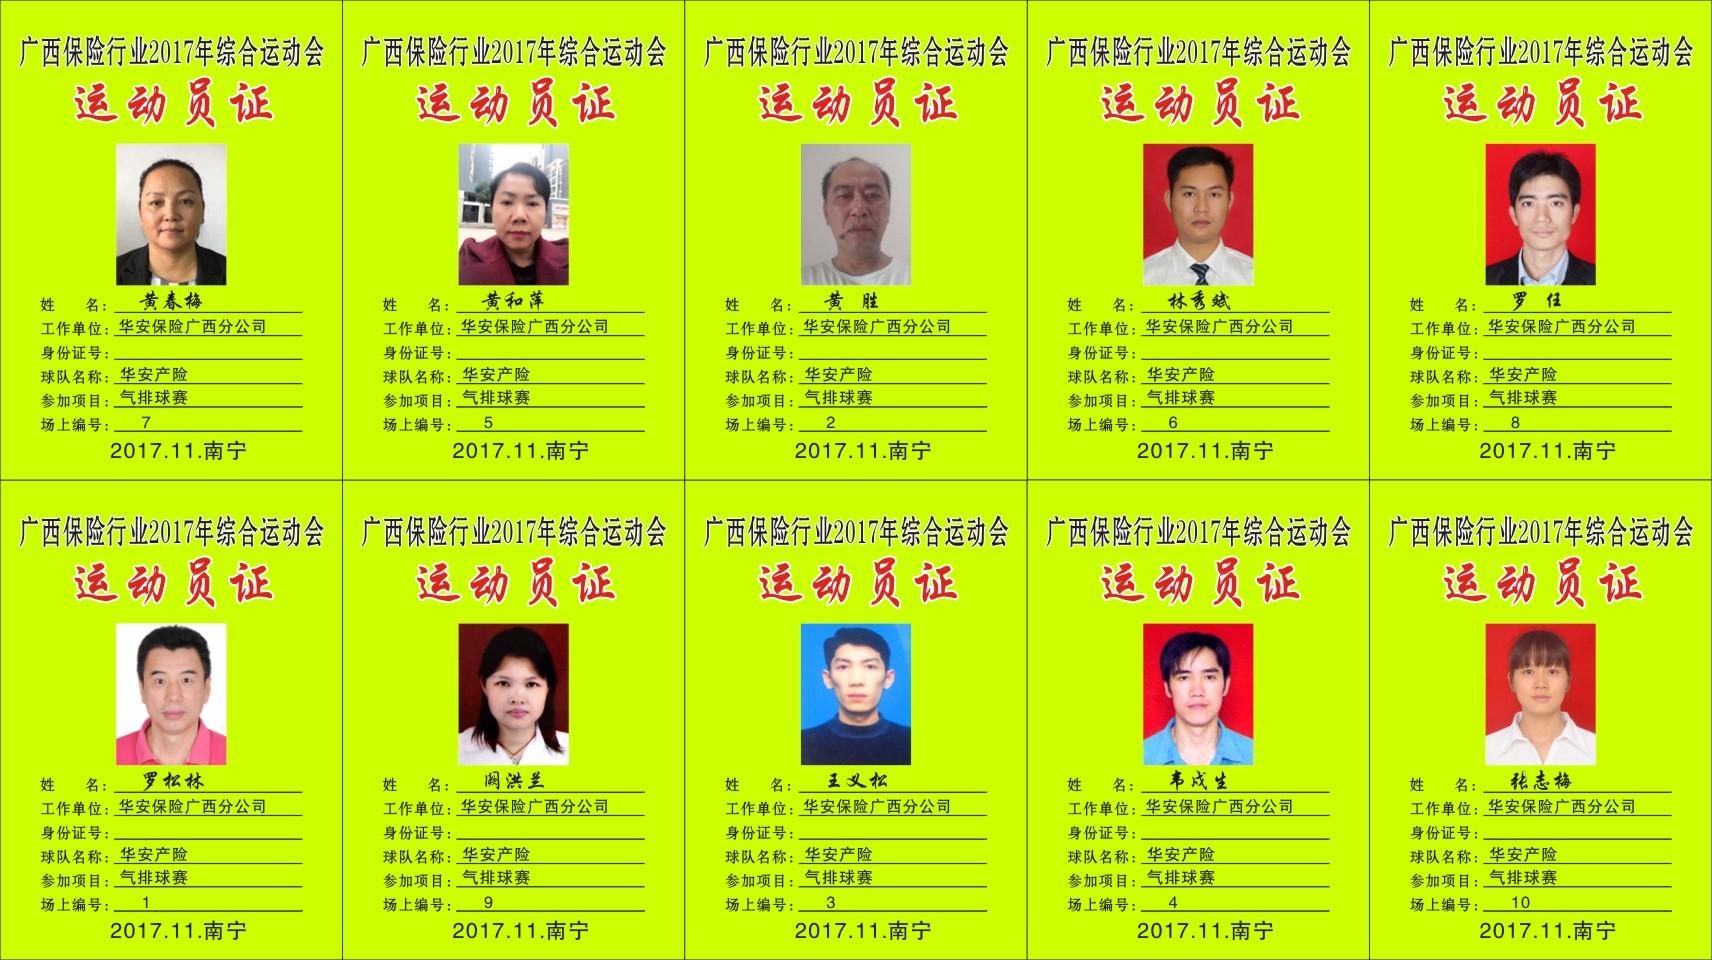 18华安保险广西分公司.jpg